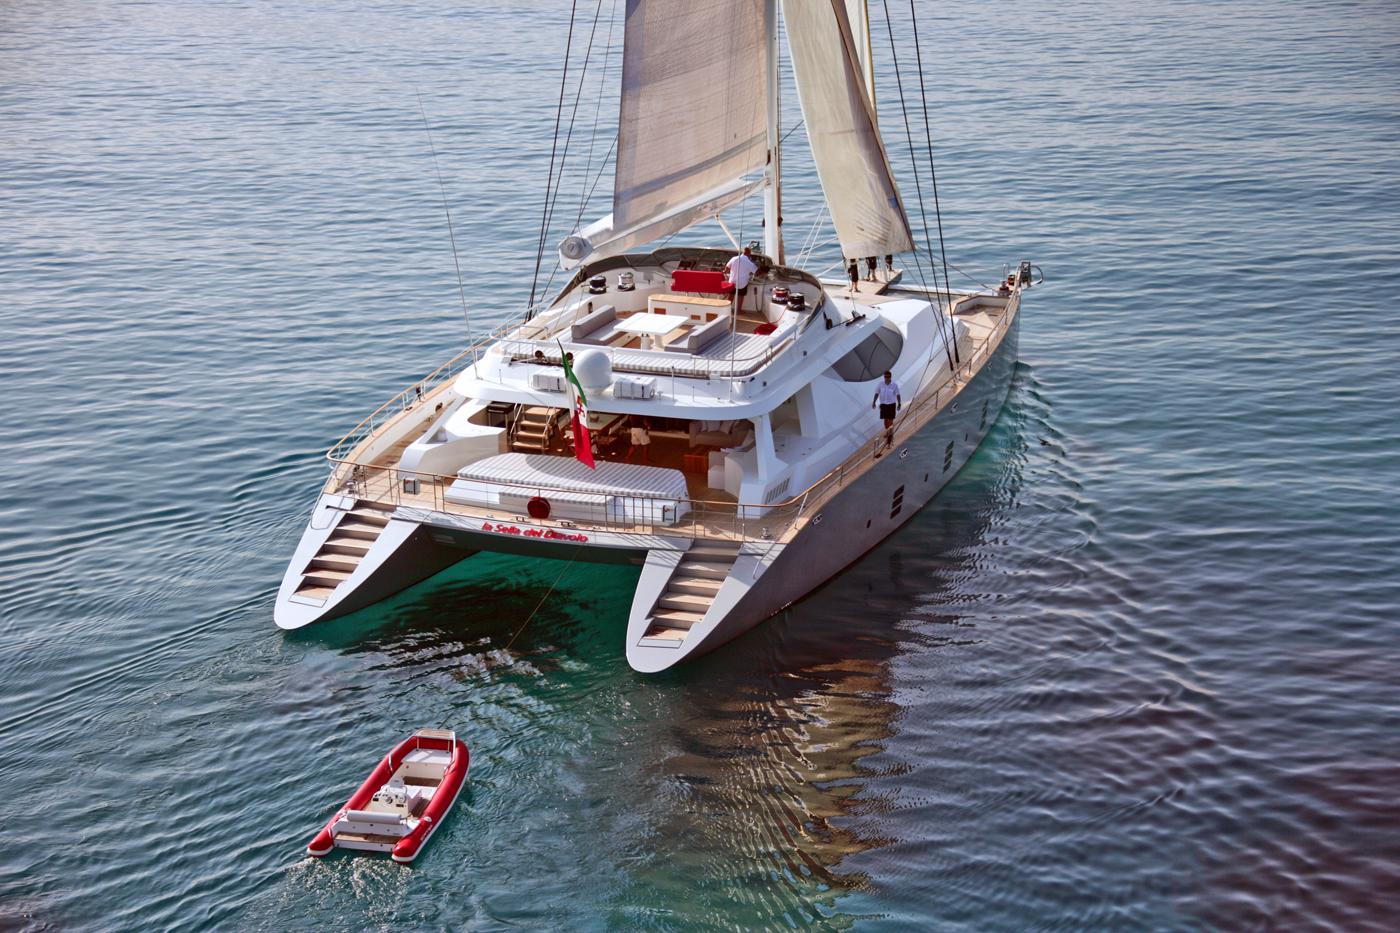 Denison Sells La Sella Del Diavolo 107′ Sailing Cat